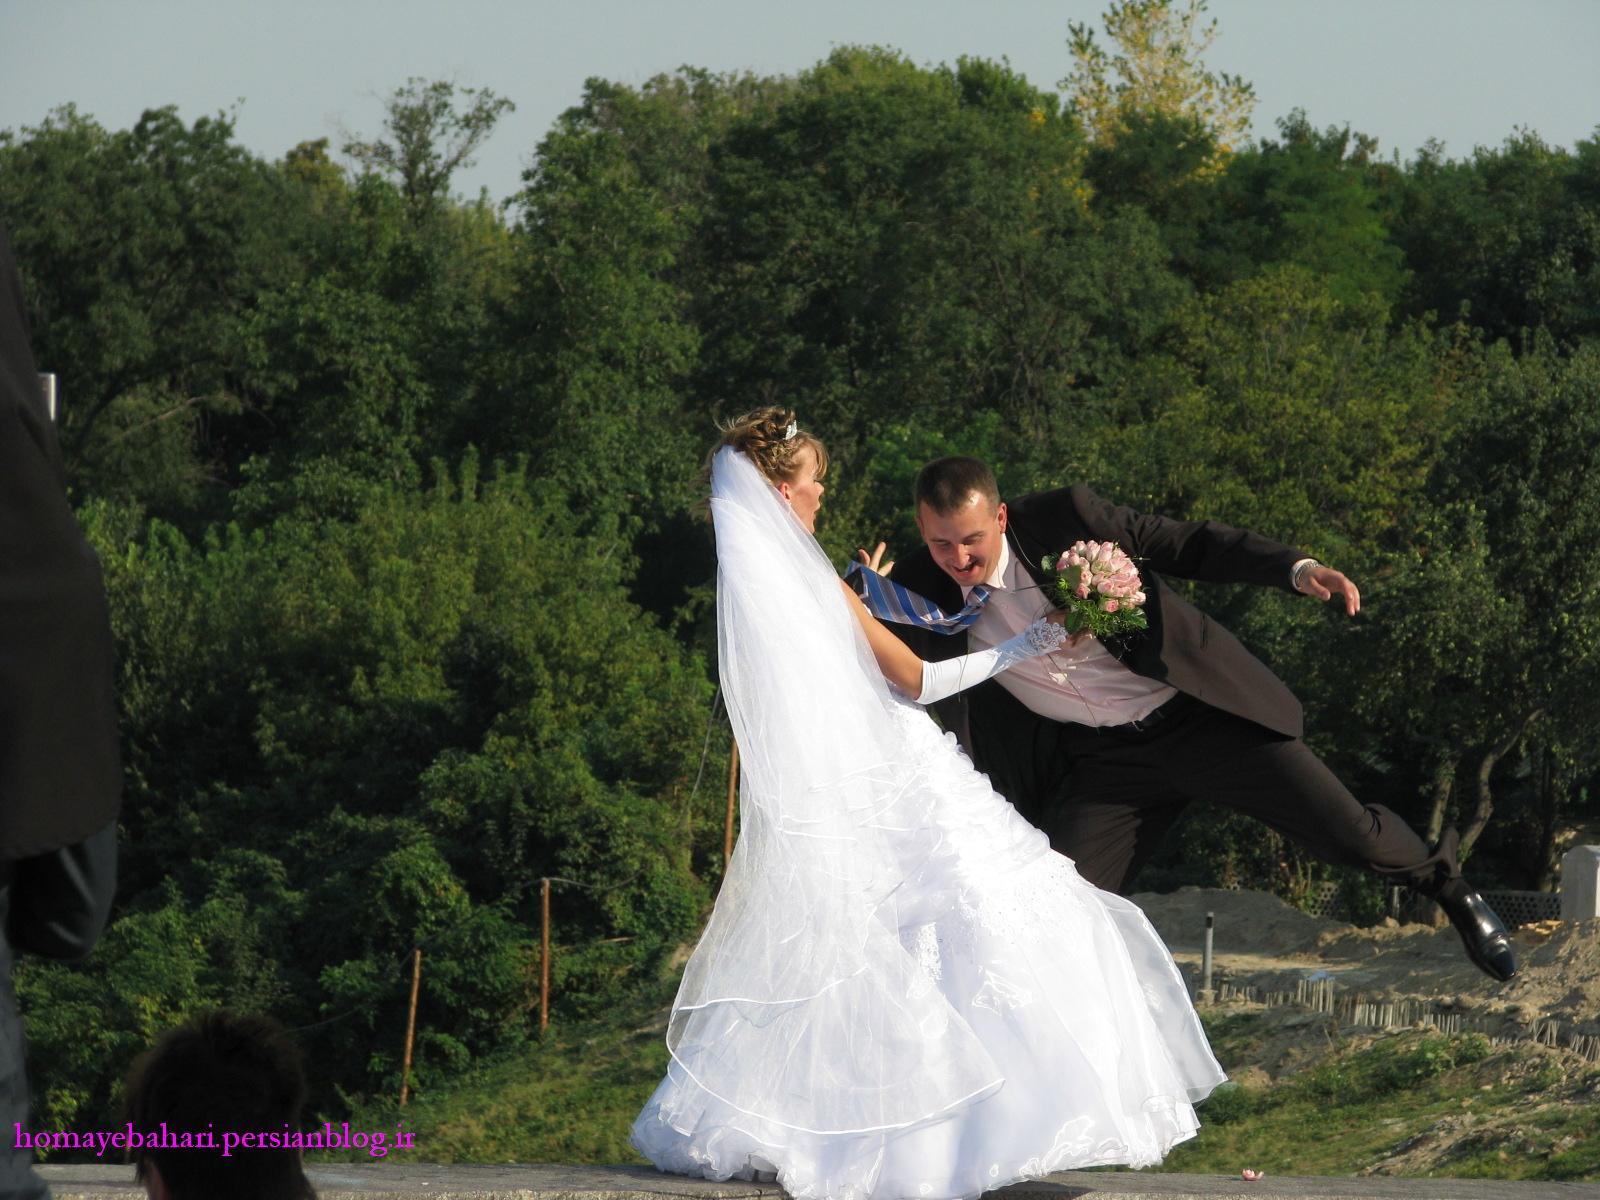 آخرش هم این عروس خانوما هستند که باید آقا داماد رو از سقوط نجات بدن!